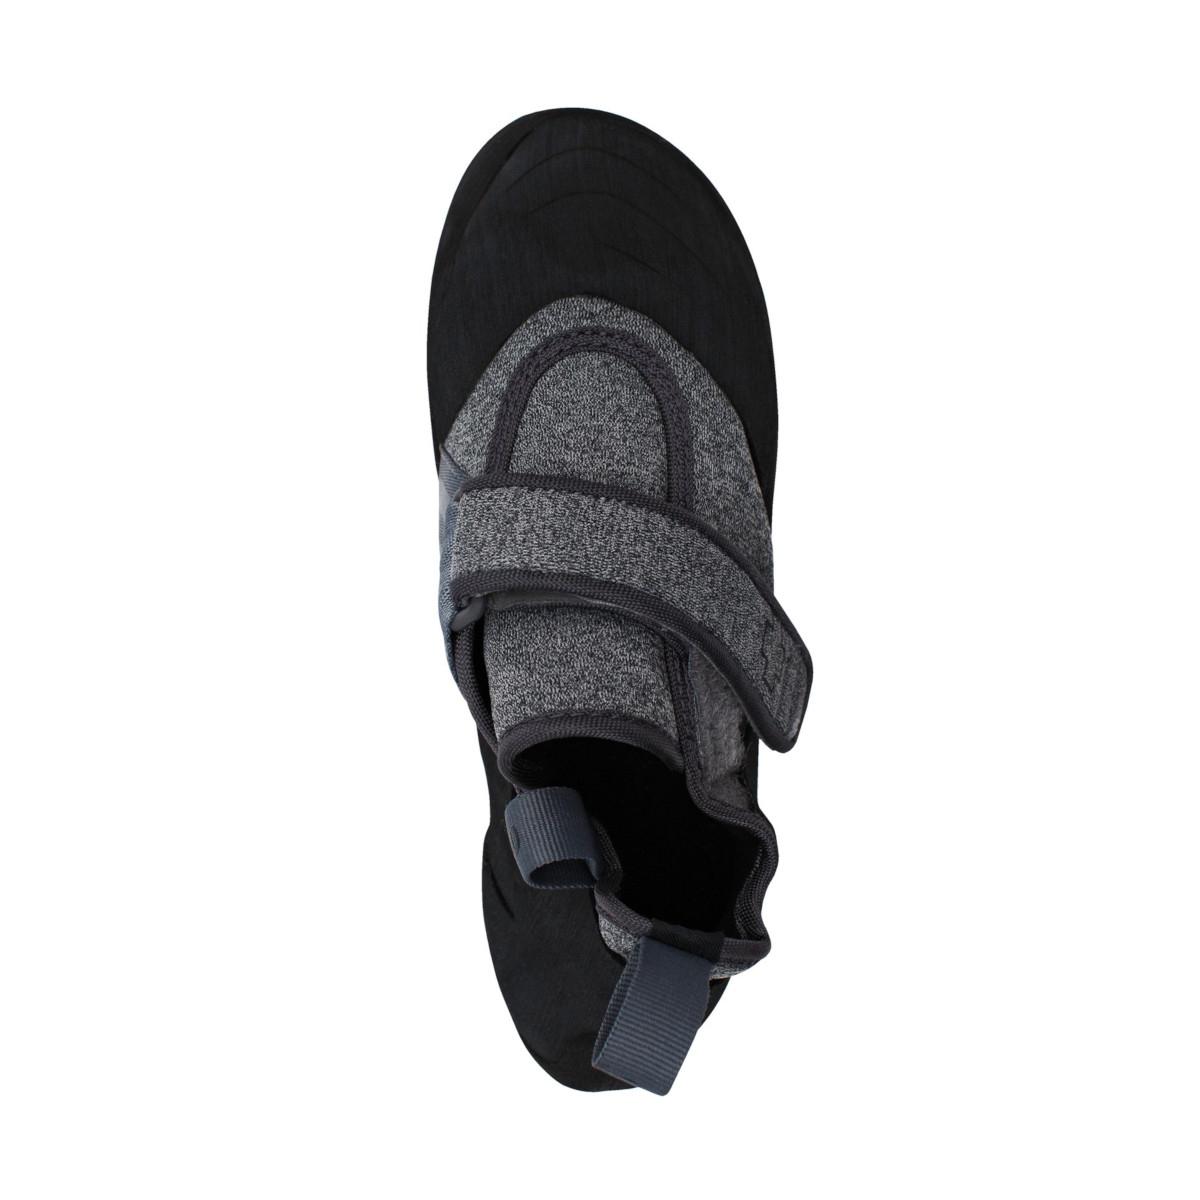 SO ILL The New Zero Climbing Shoe